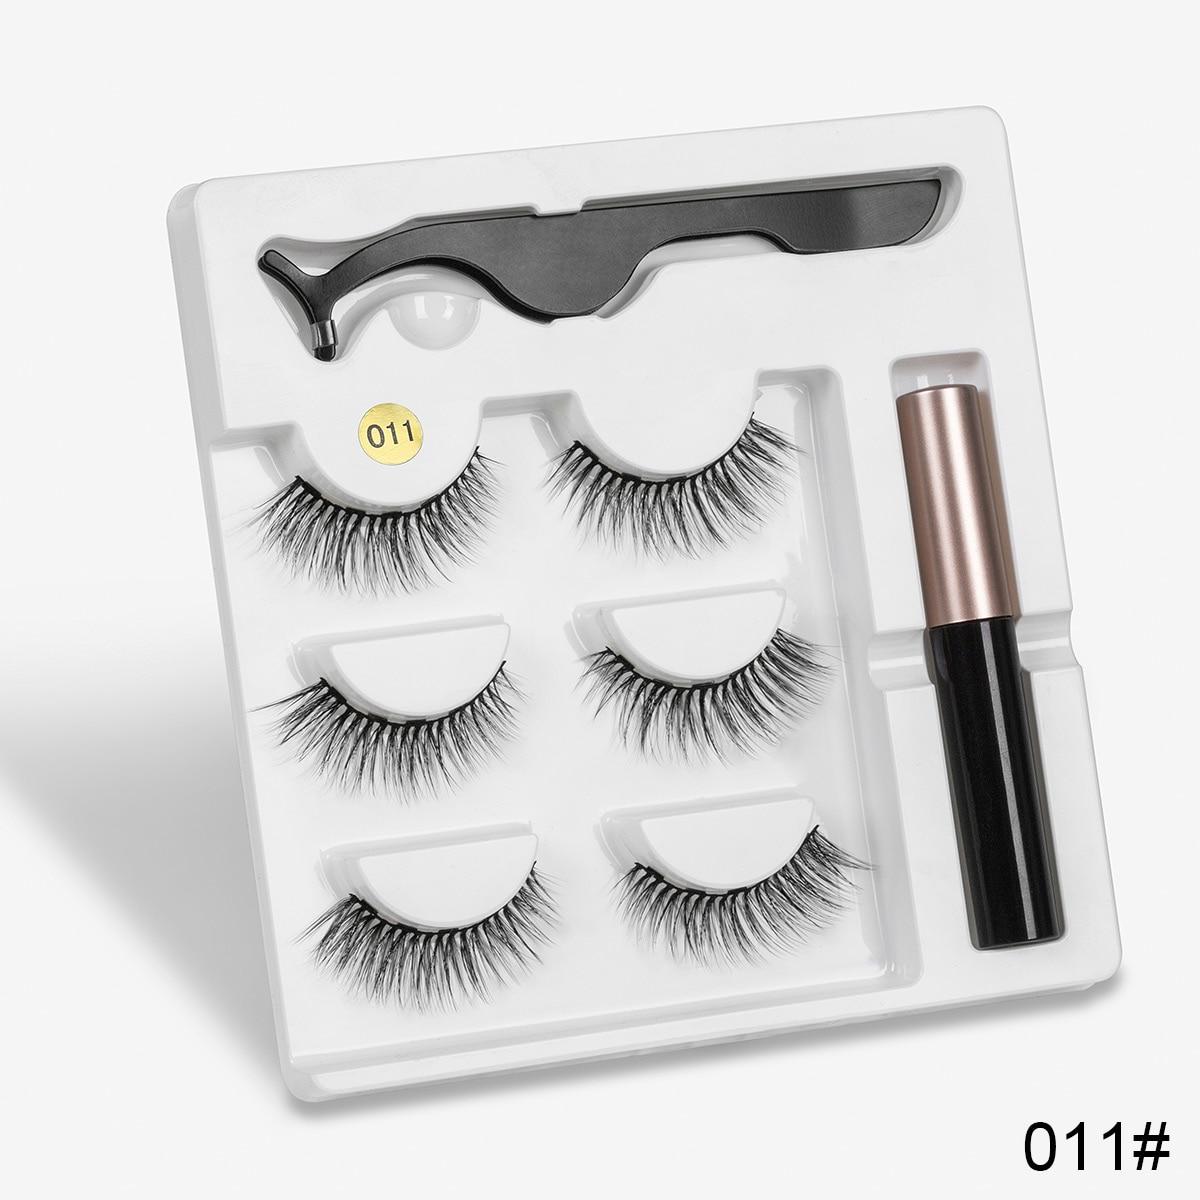 3pair 5 Magnetic Eyelashes 3D Faux mink Eyelashes Magnet Lashes Magnetic Liquid Eyeliner&Magnetic False Eyelashes & Tweezer Set 3